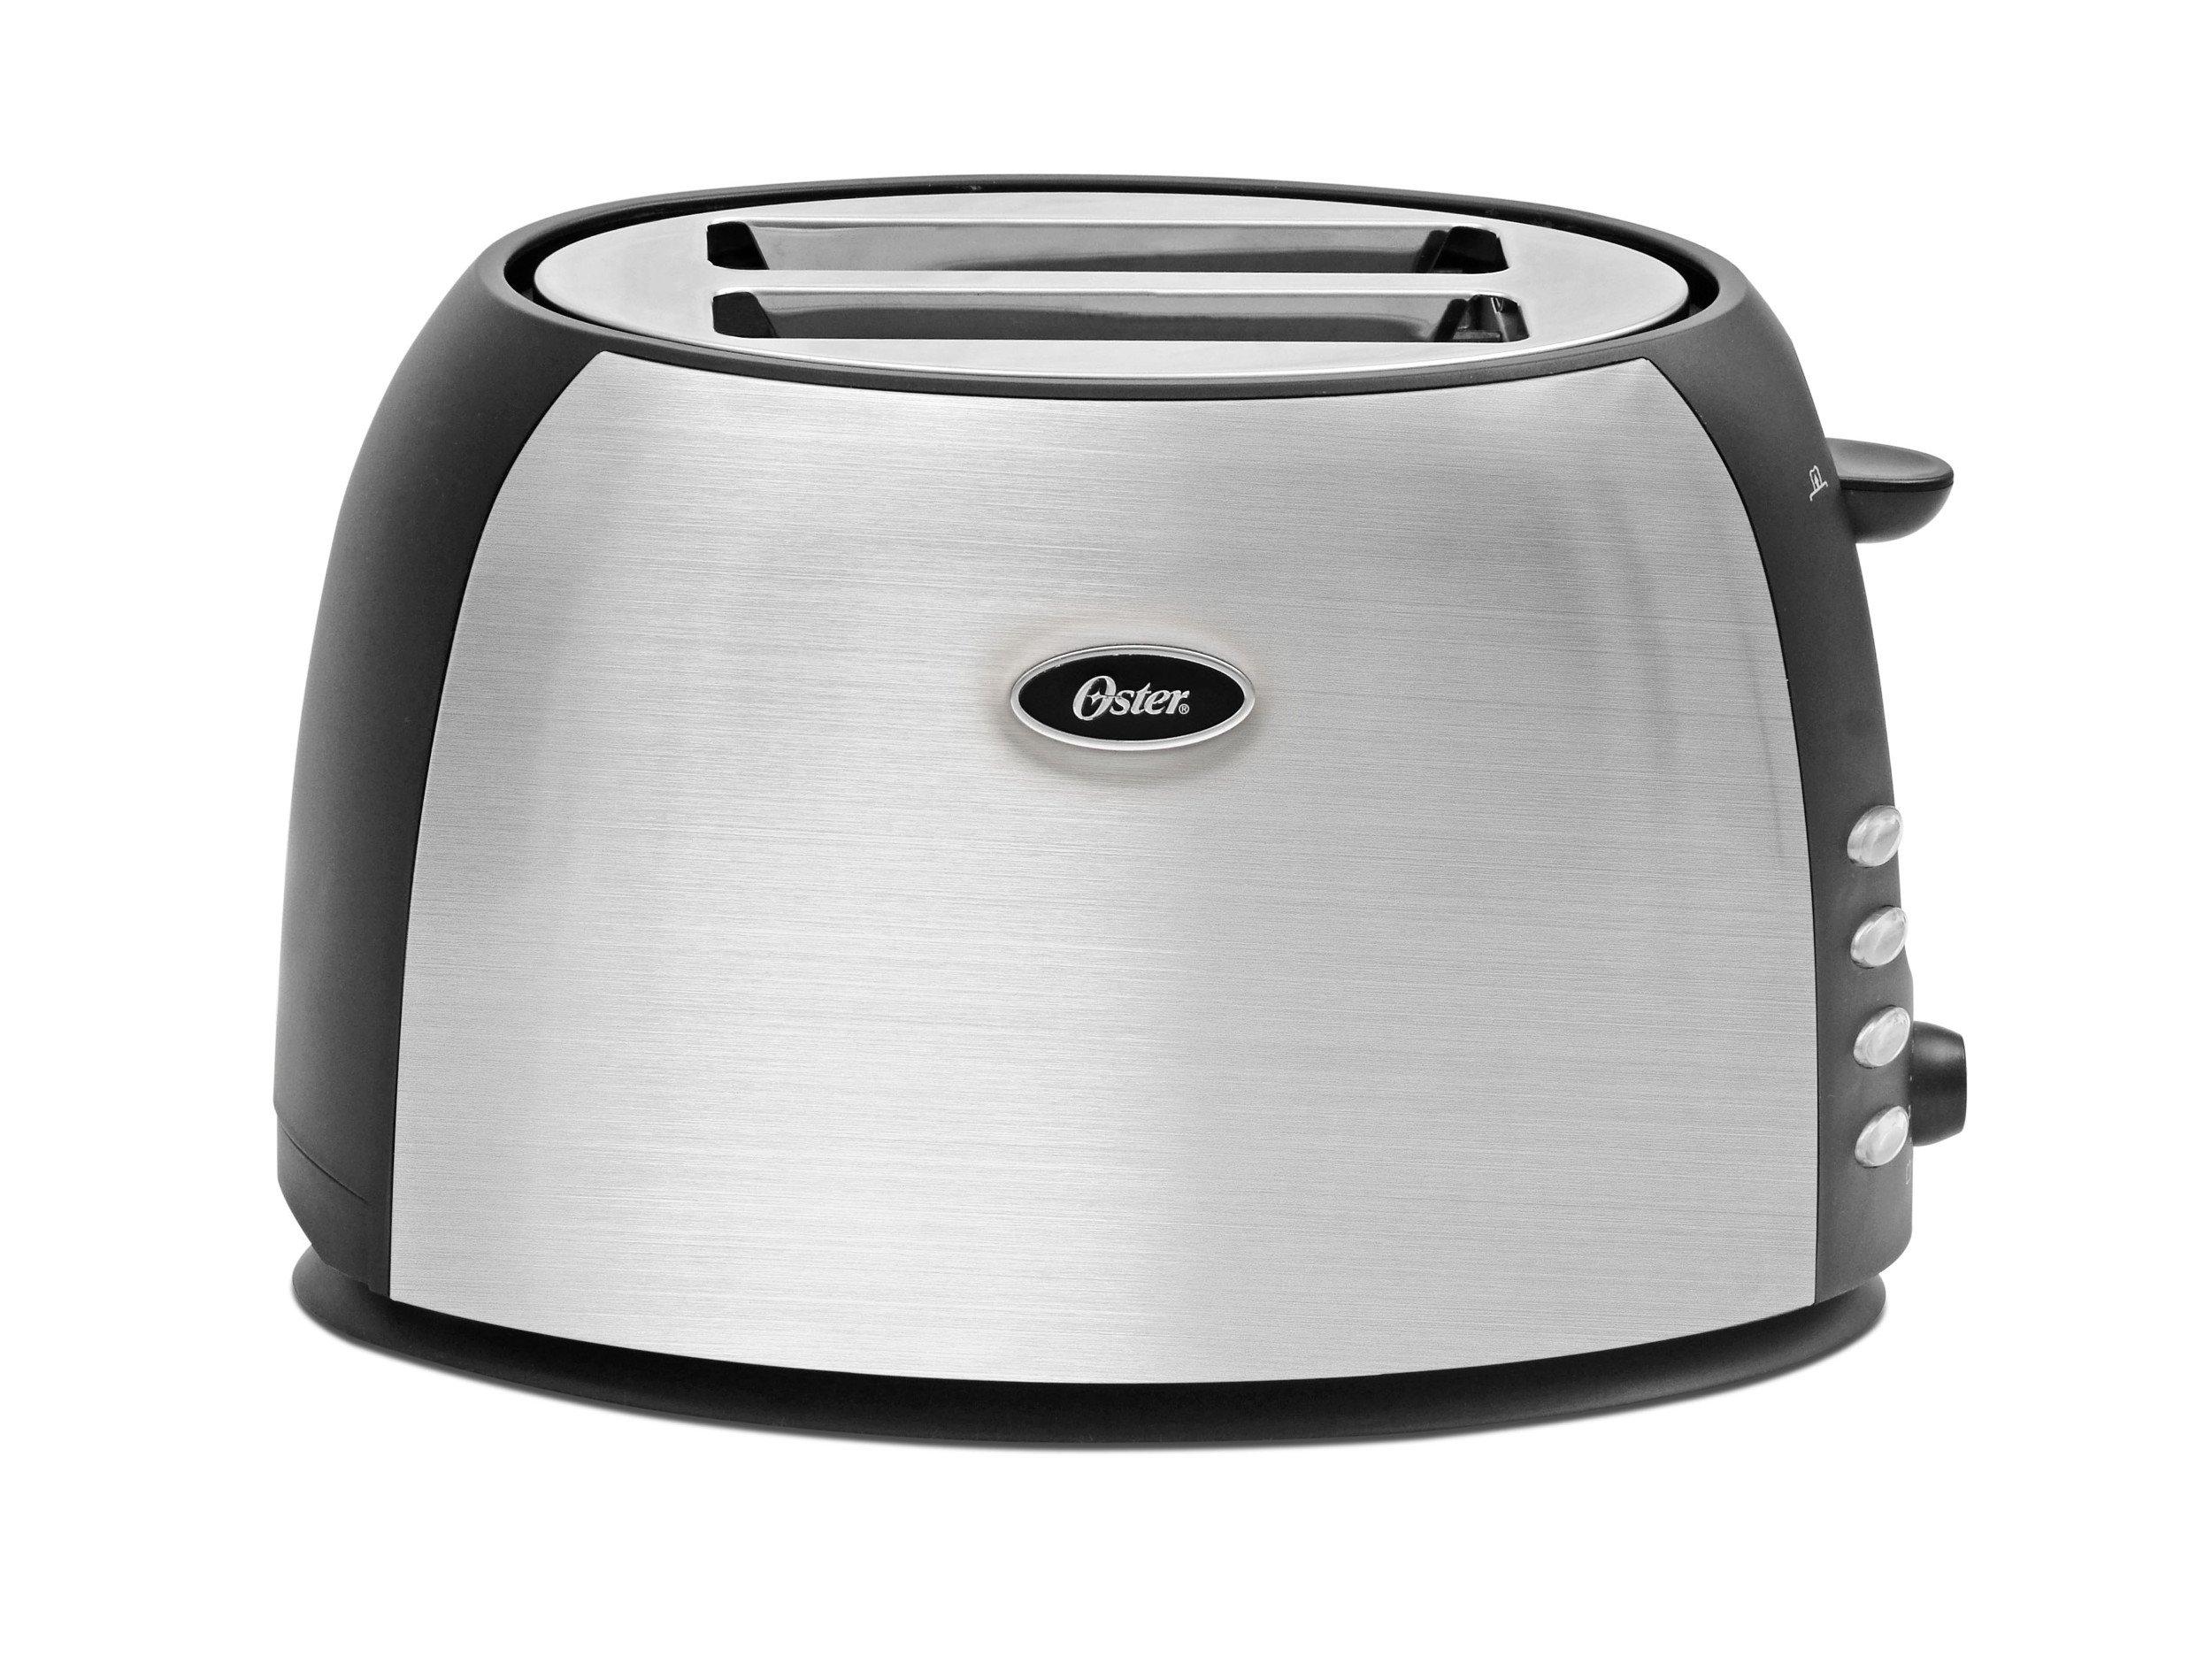 Oster 2 Slice Toaster, Brushed Stainless Steel (TSSTJC5BBK) by Oster